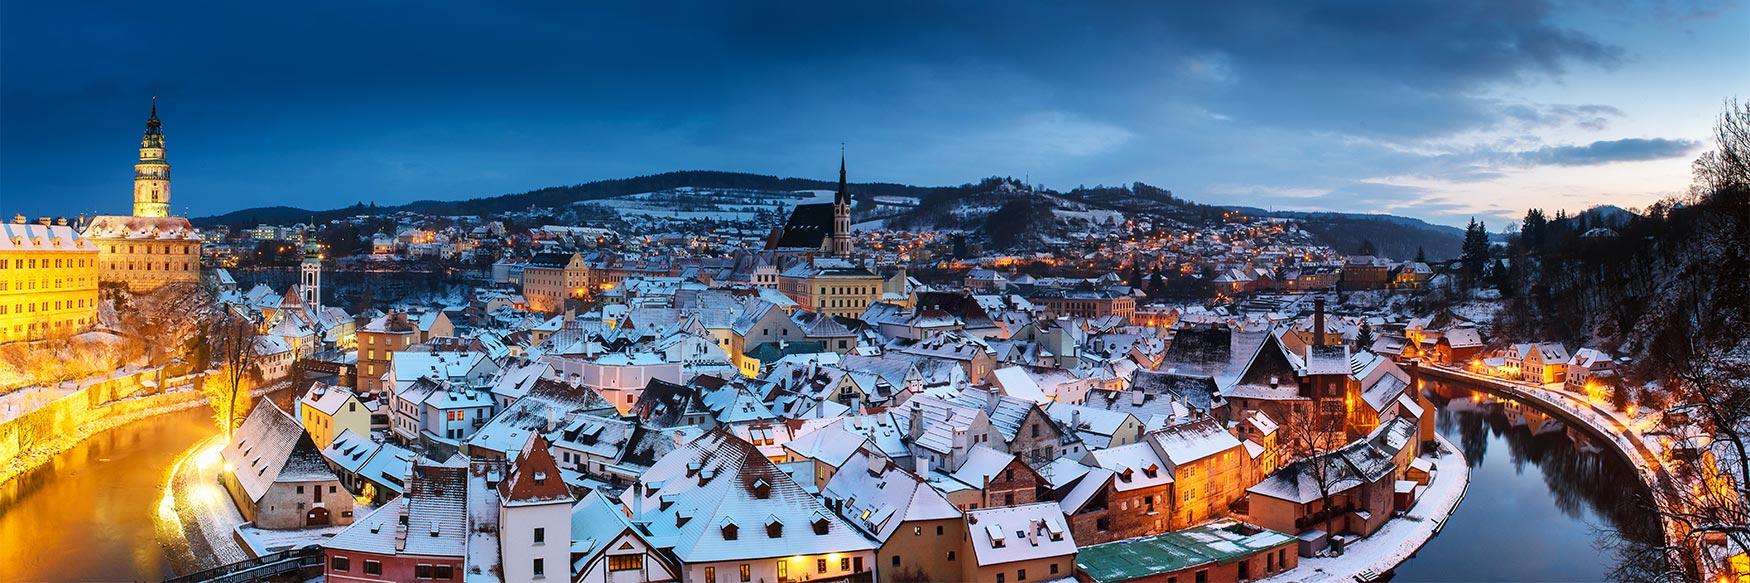 Český Krumlov, South Bohemia, Czechia